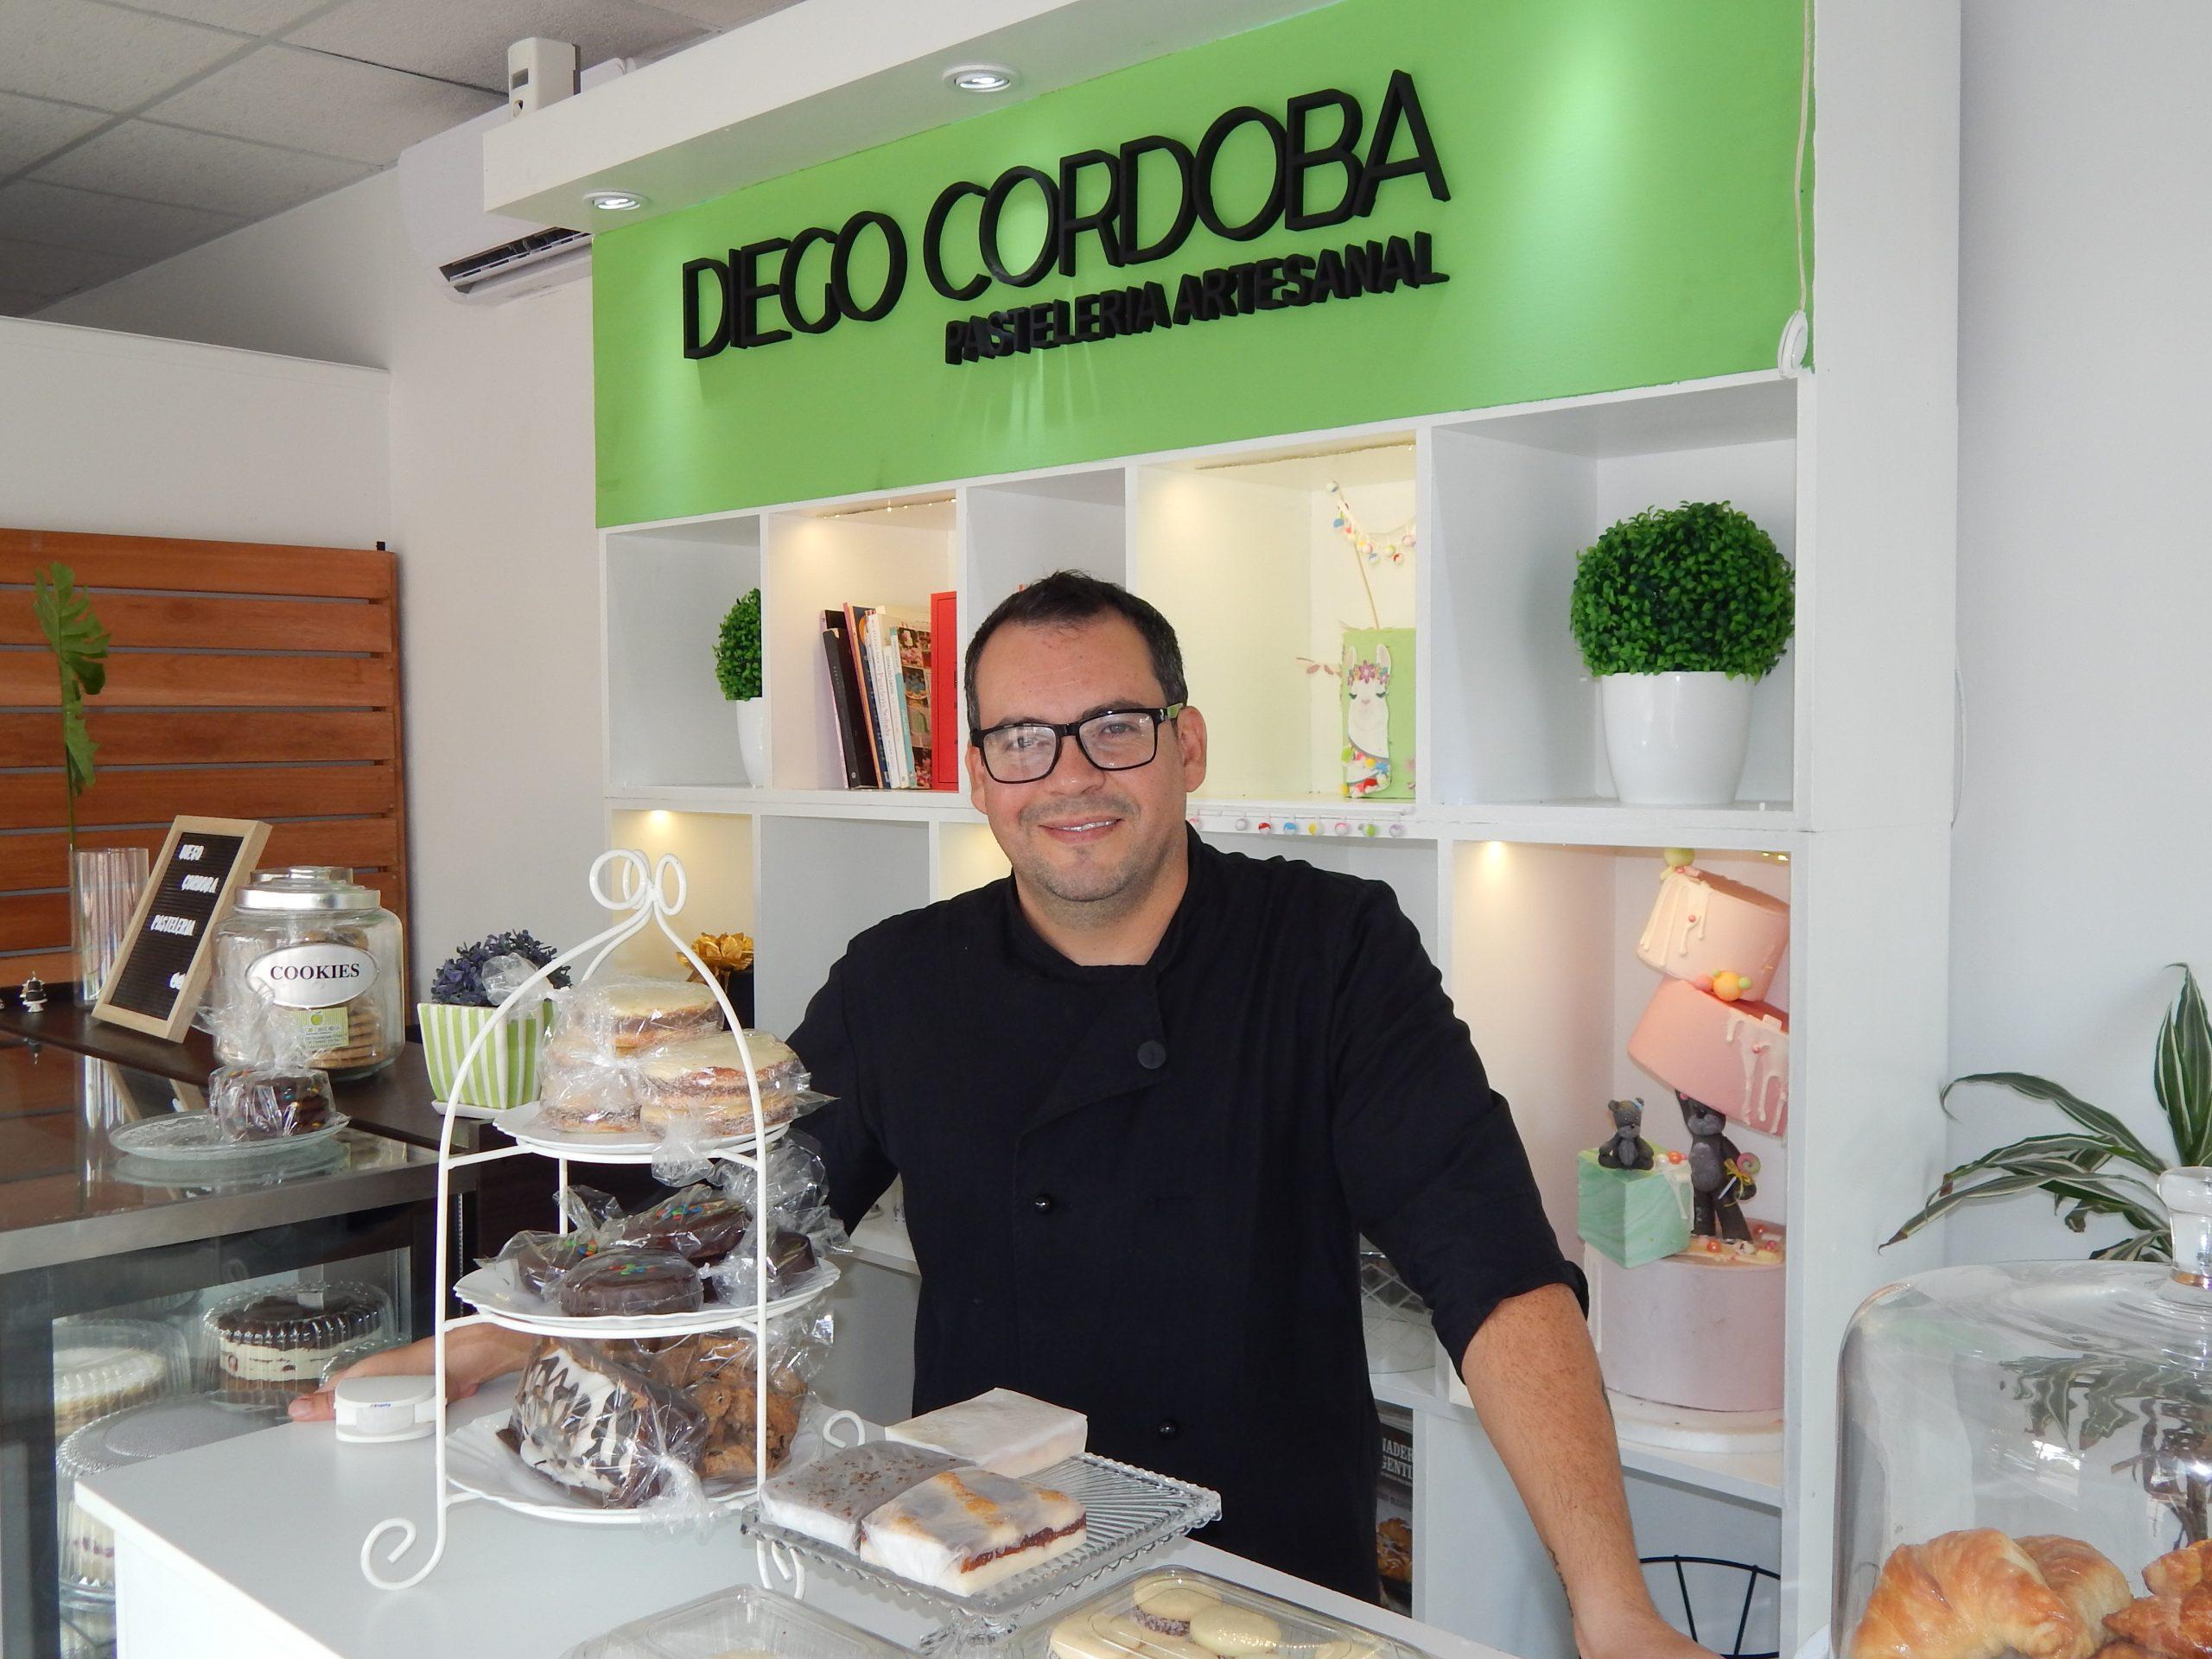 """Diego Córdoba y la pasión por la pastelería artesanal: """"todo es aprendizaje y crecimiento"""""""